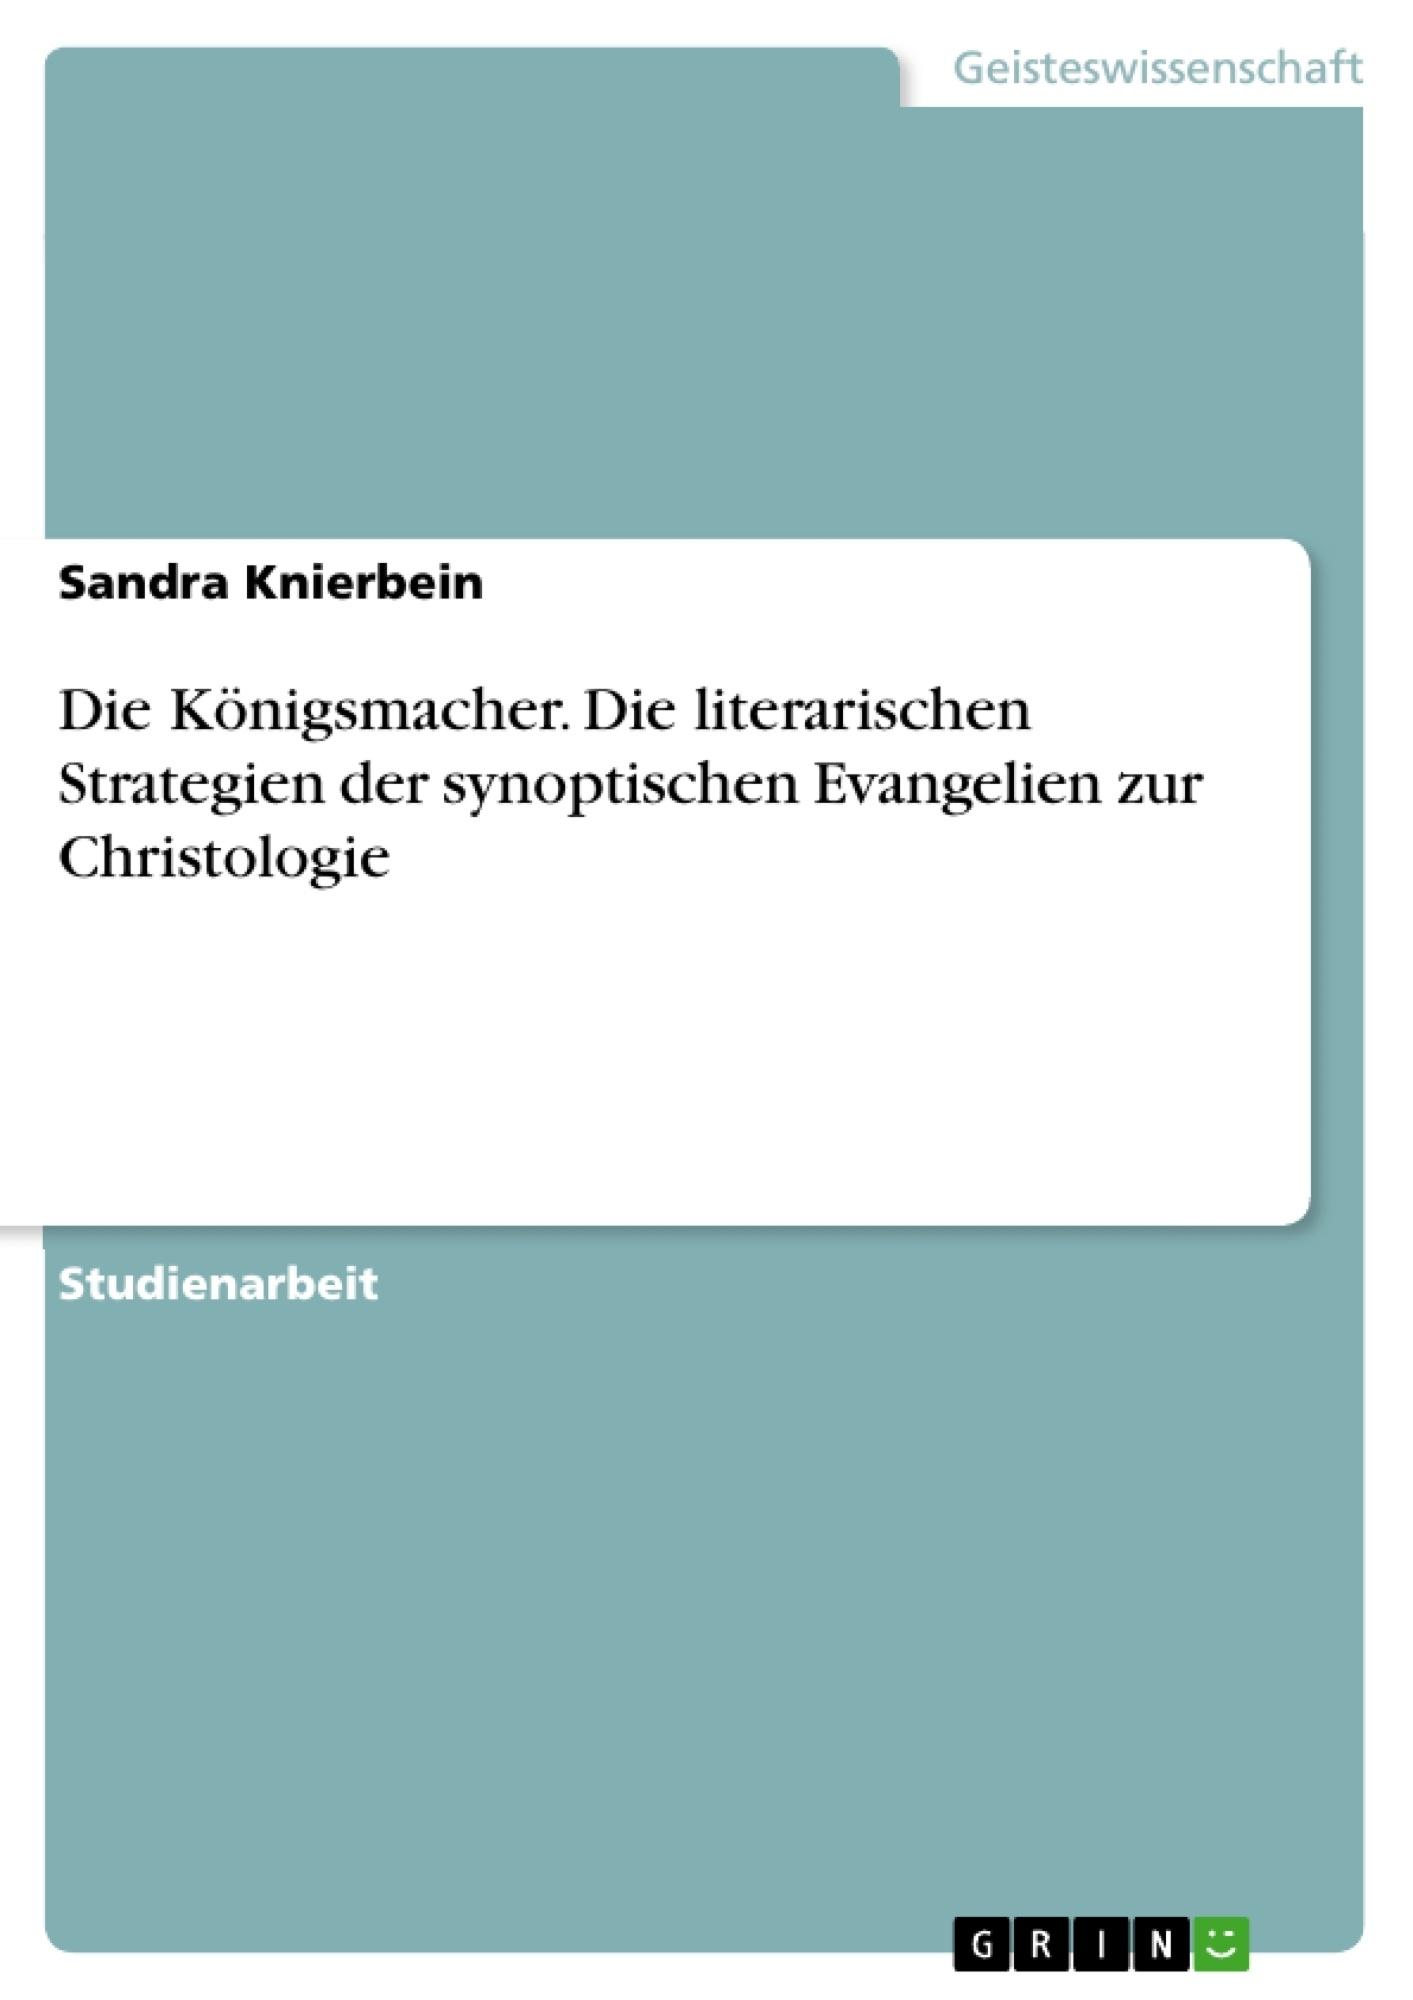 Titel: Die Königsmacher. Die literarischen Strategien der synoptischen Evangelien zur Christologie